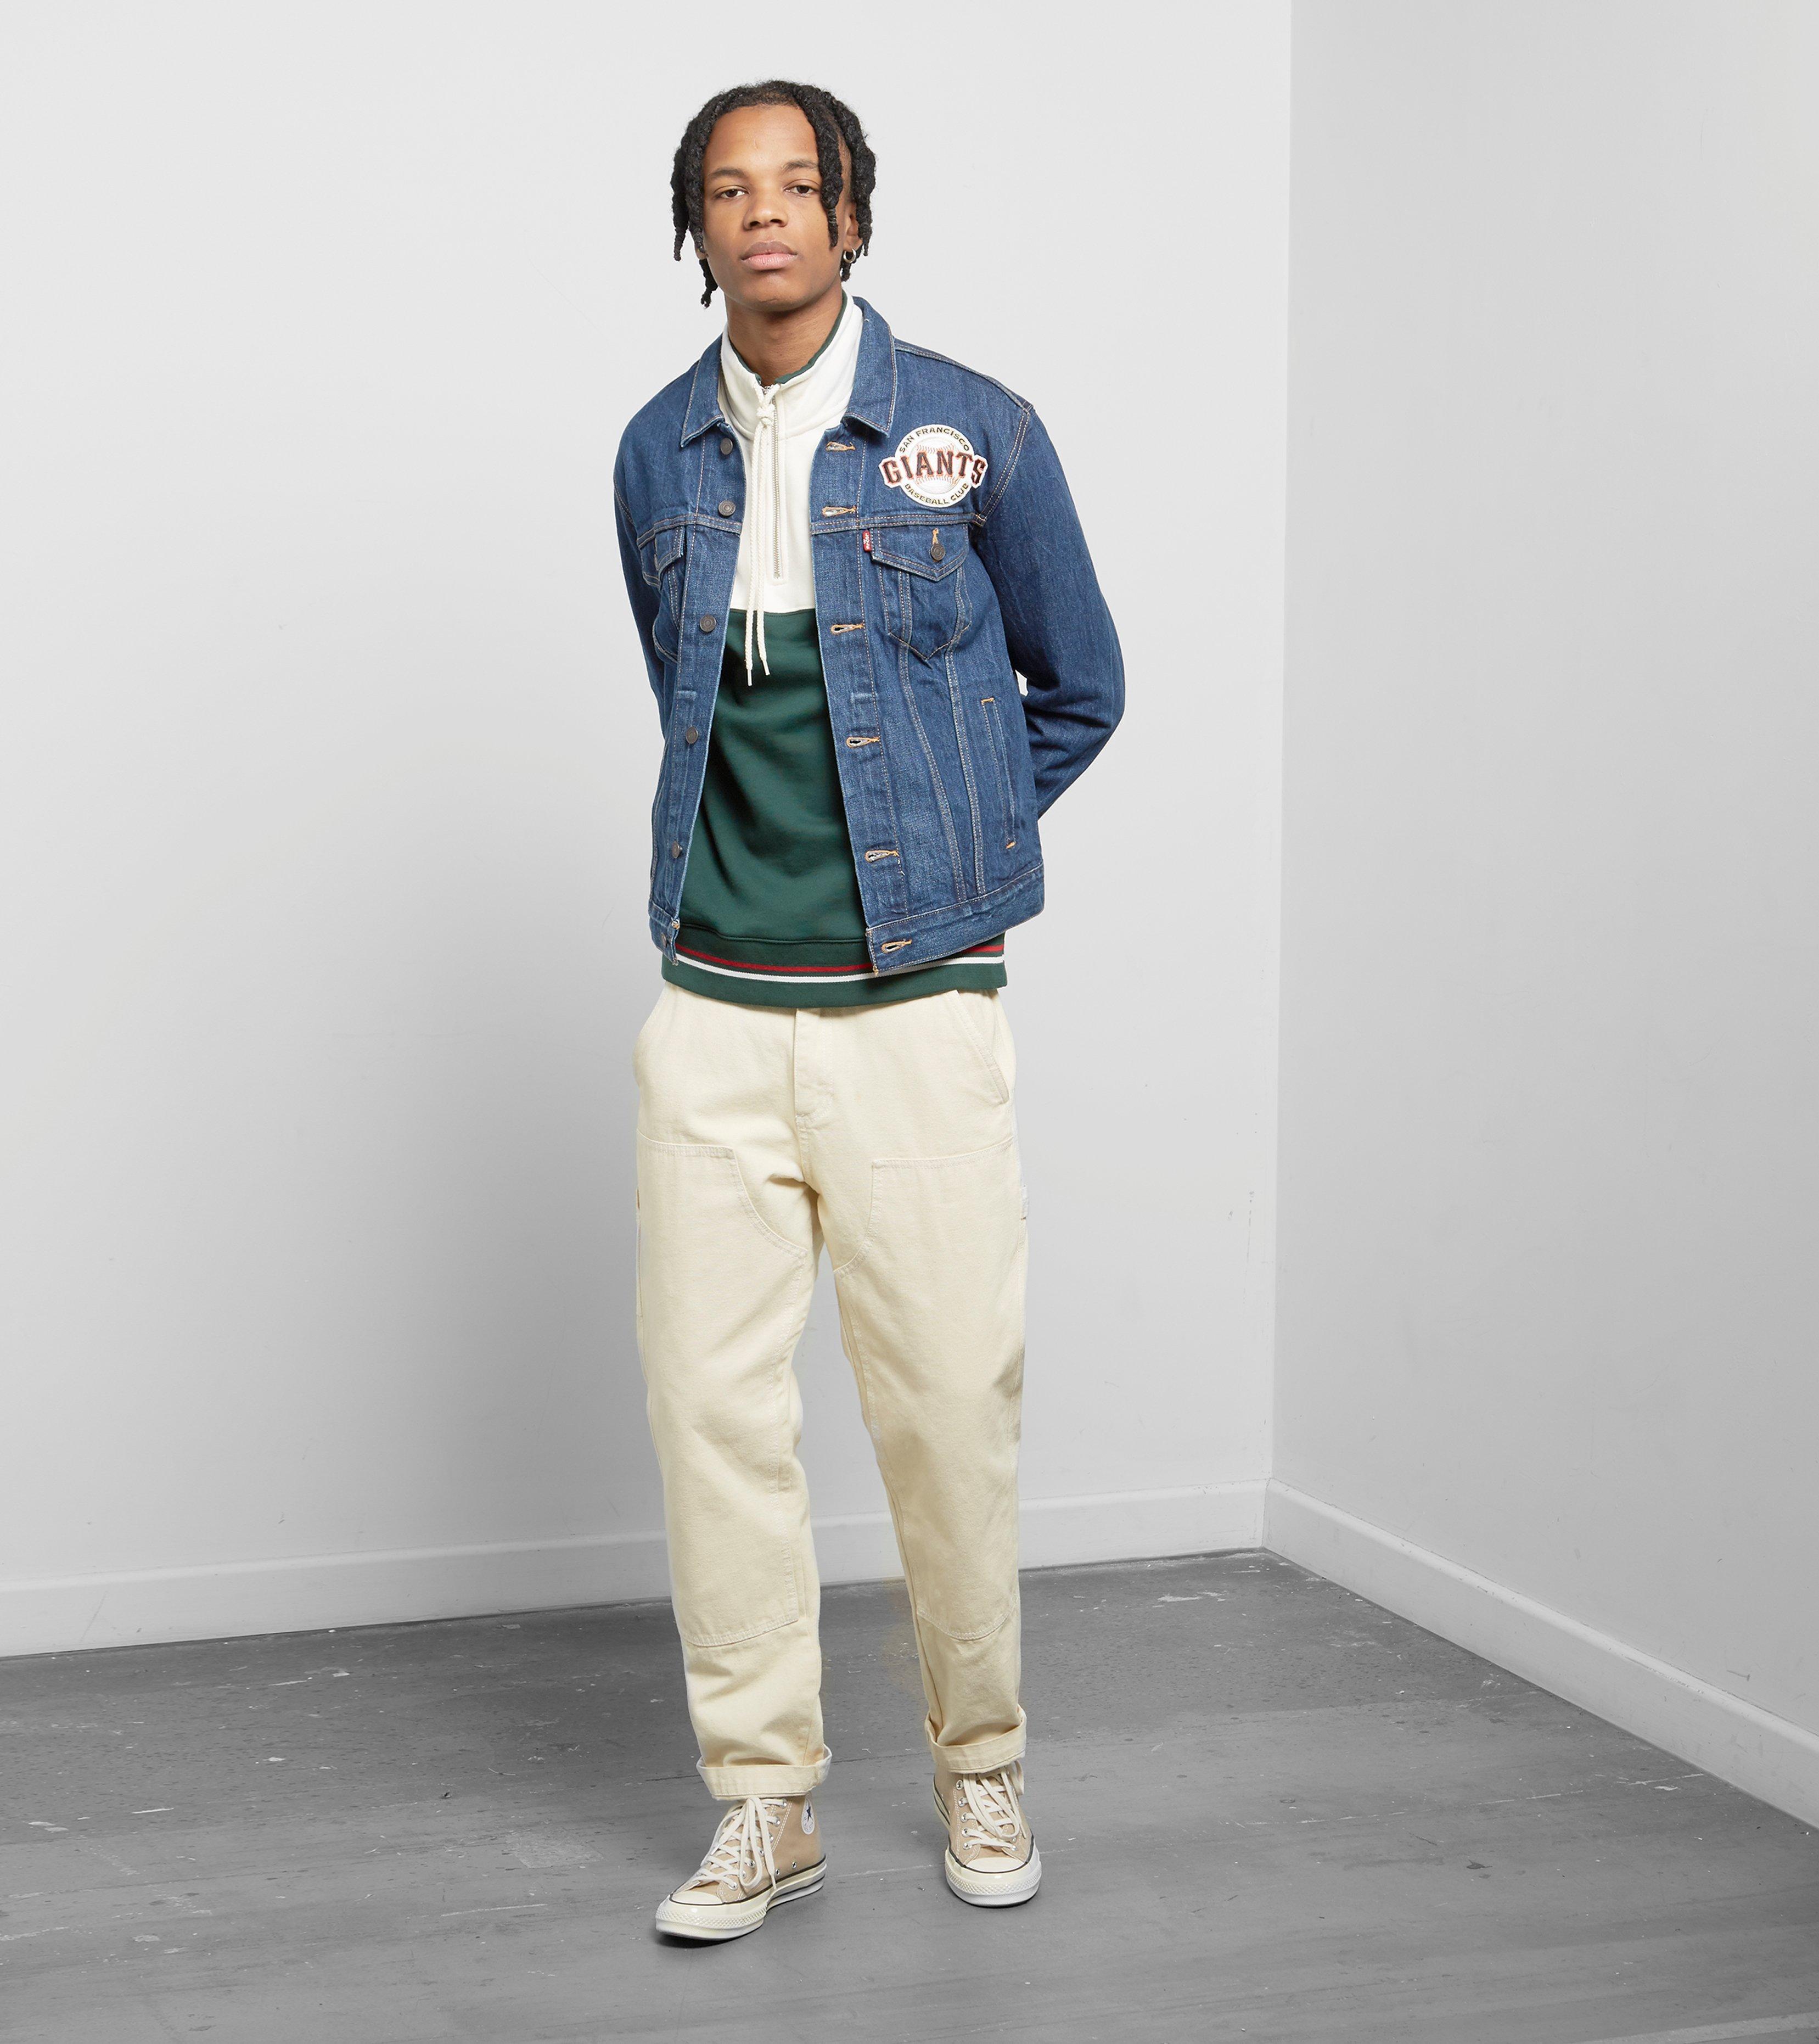 Levis X Mlb San Francisco Giants Trucker Jacket In Blue For Jaket Wanita Jeans Gallery